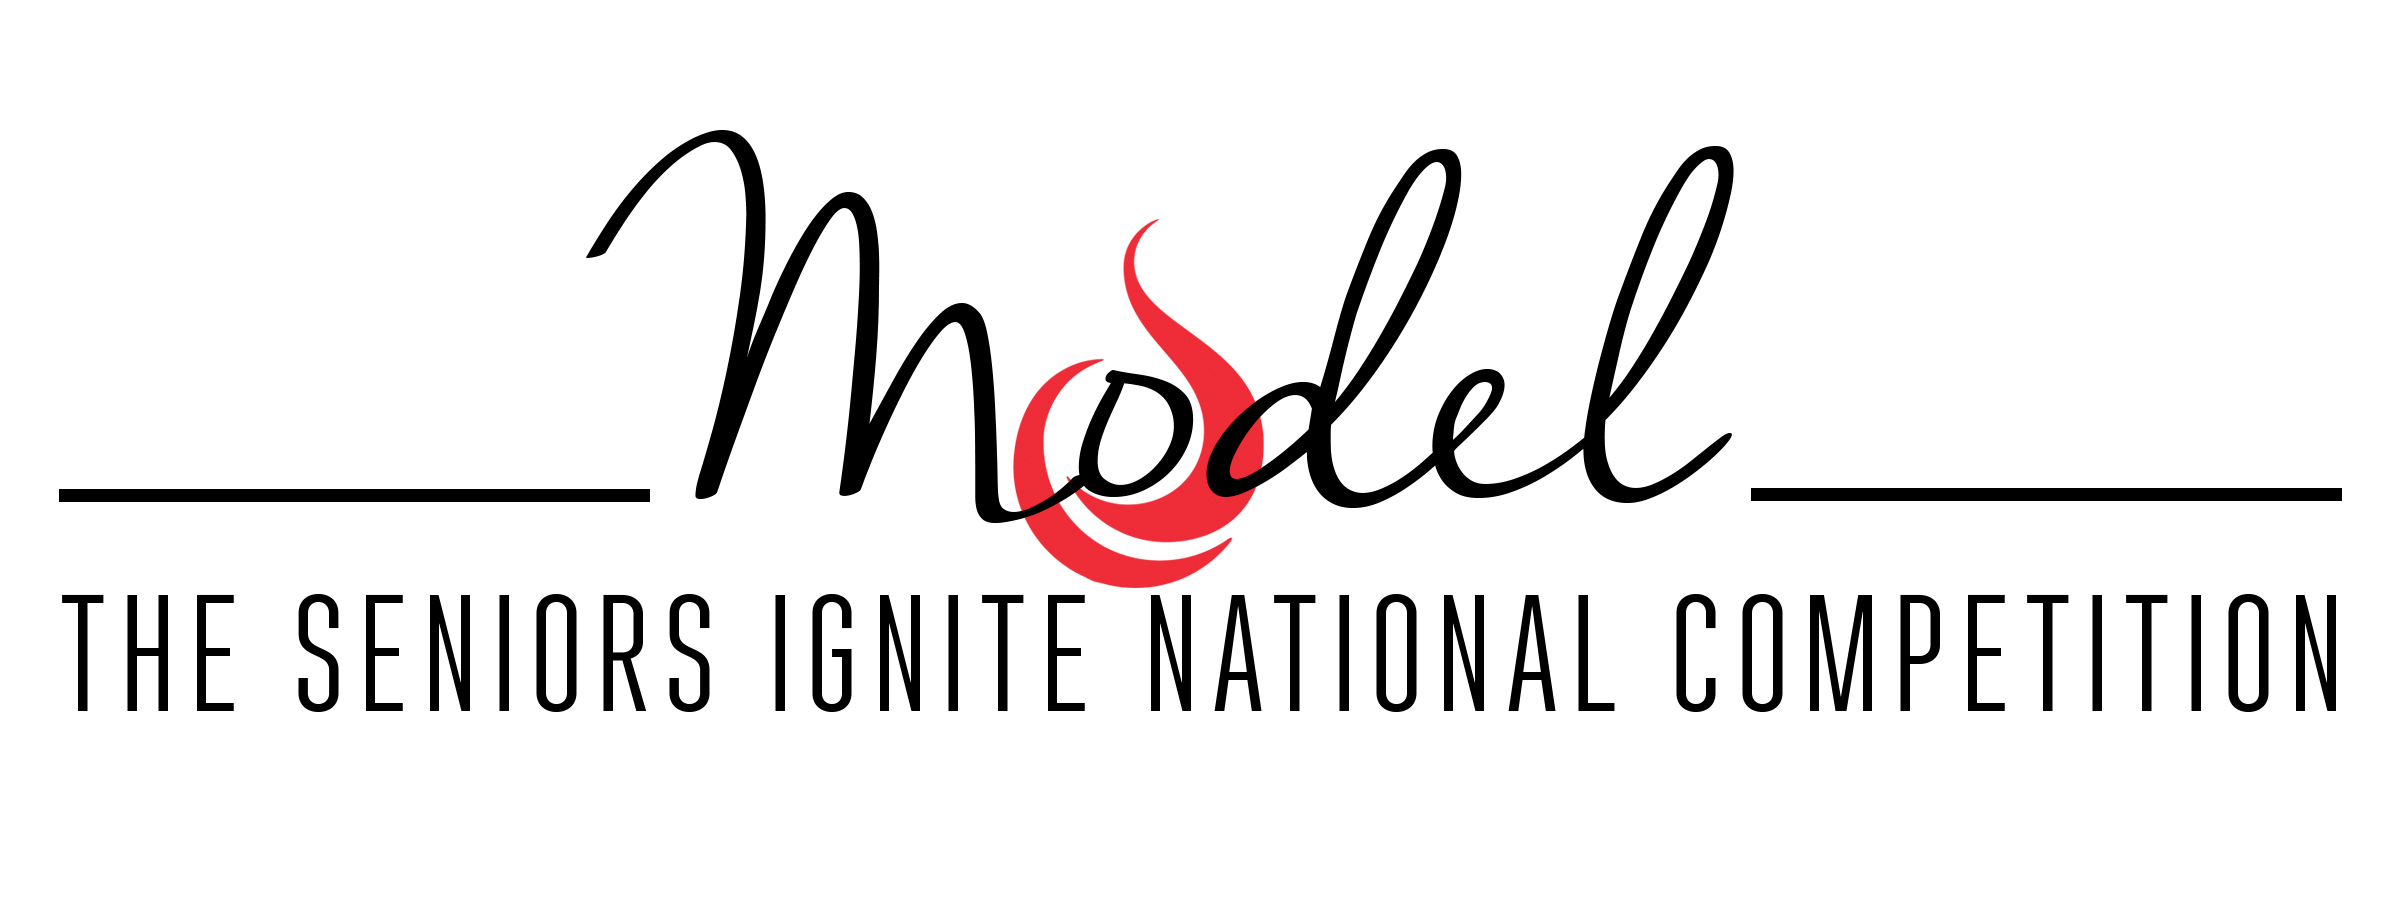 Seniors Ignite National Model Competition Logo.jpg